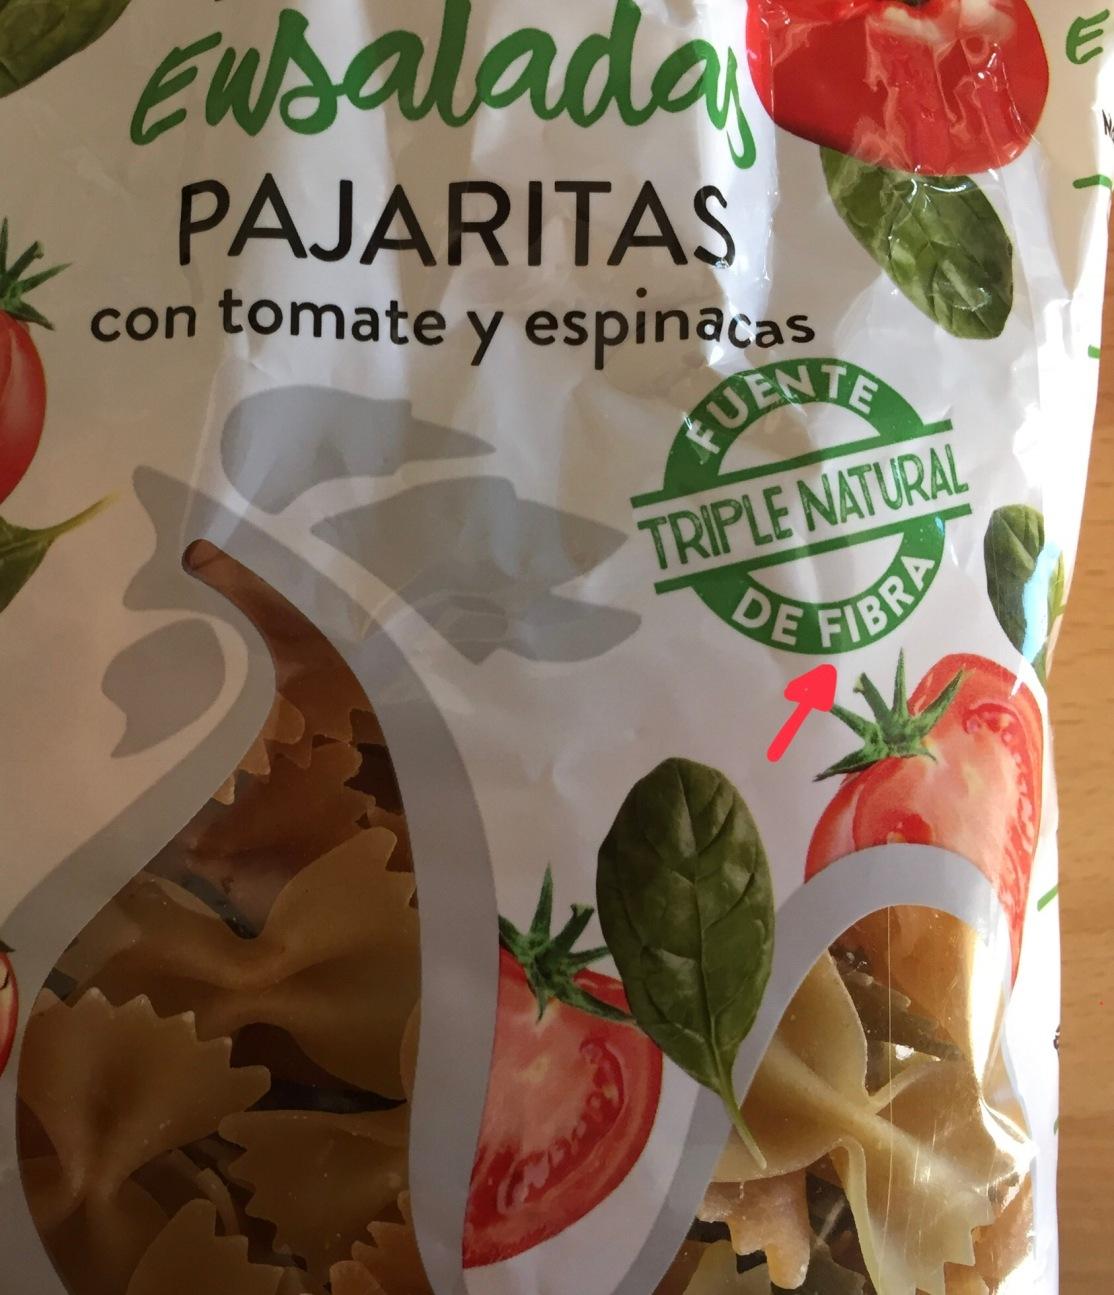 Esta no es integral,a pesar de que anuncie su alto contenido en fibra, también la cantidad de tomate o espinacas es extremadamente ridícula, sin embargo debemos comprobarlo en el listado de ingredientes..